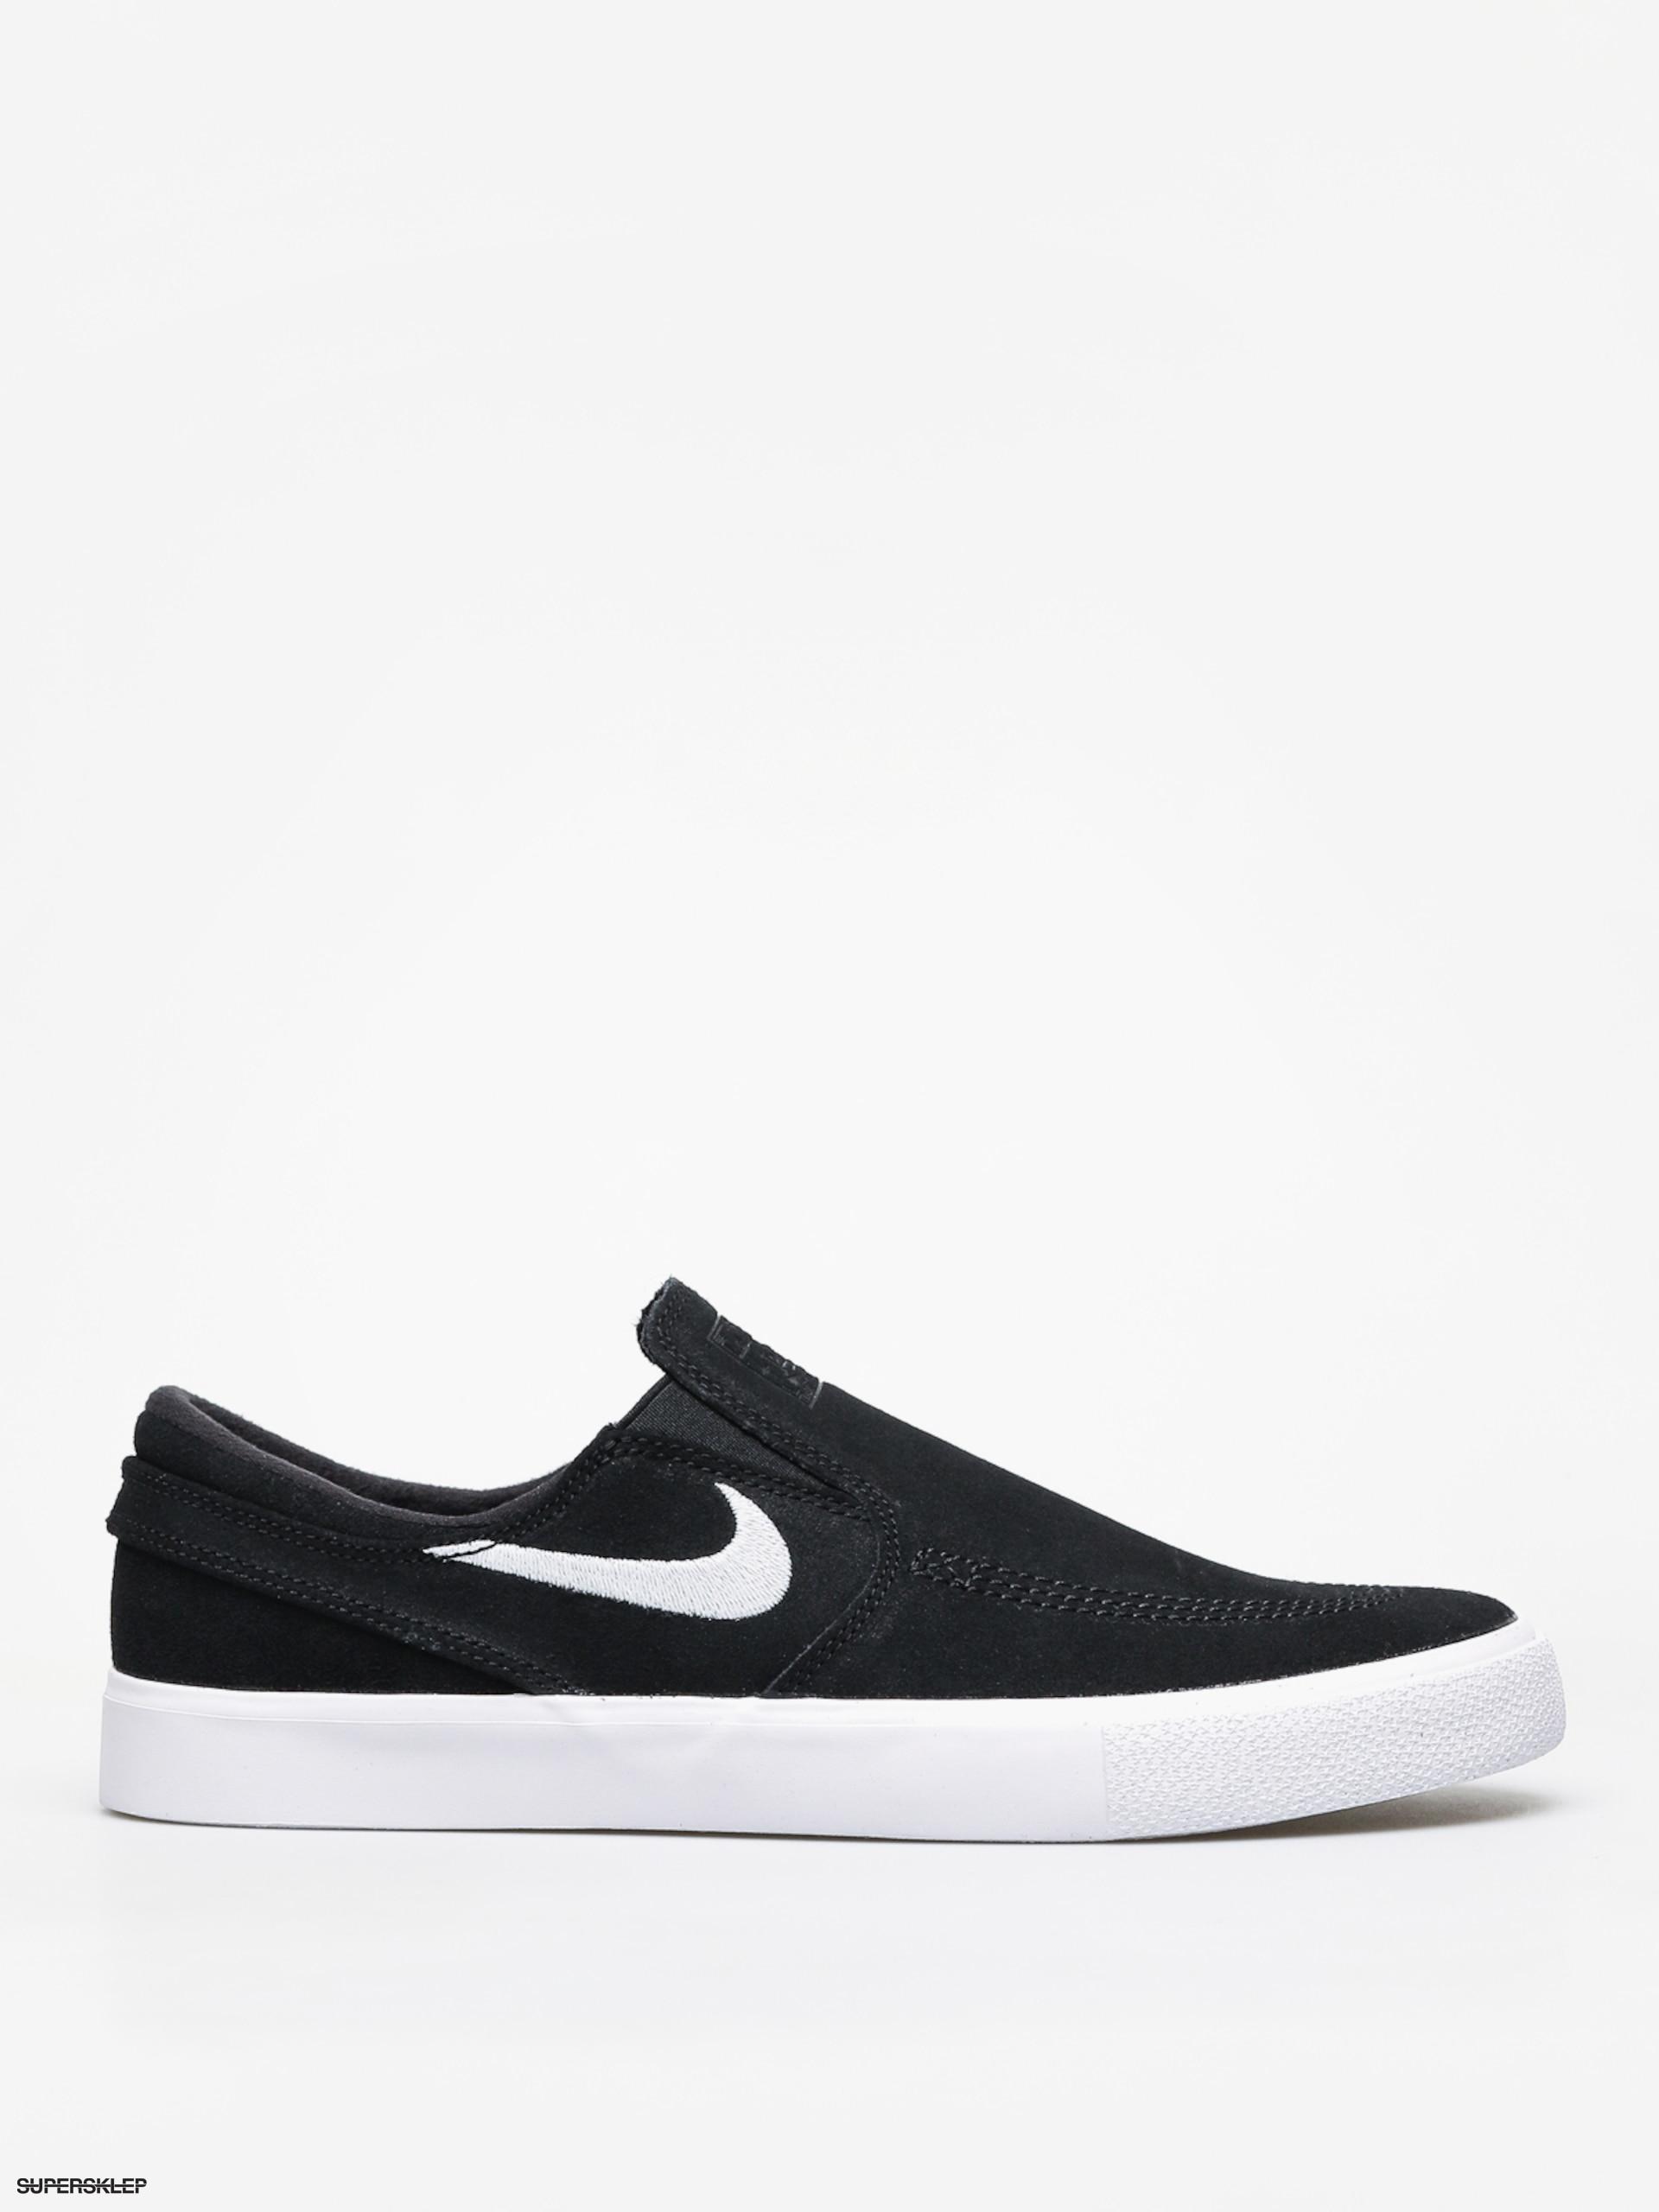 Buty Nike SB Zoom Stefan Janoski Slip On